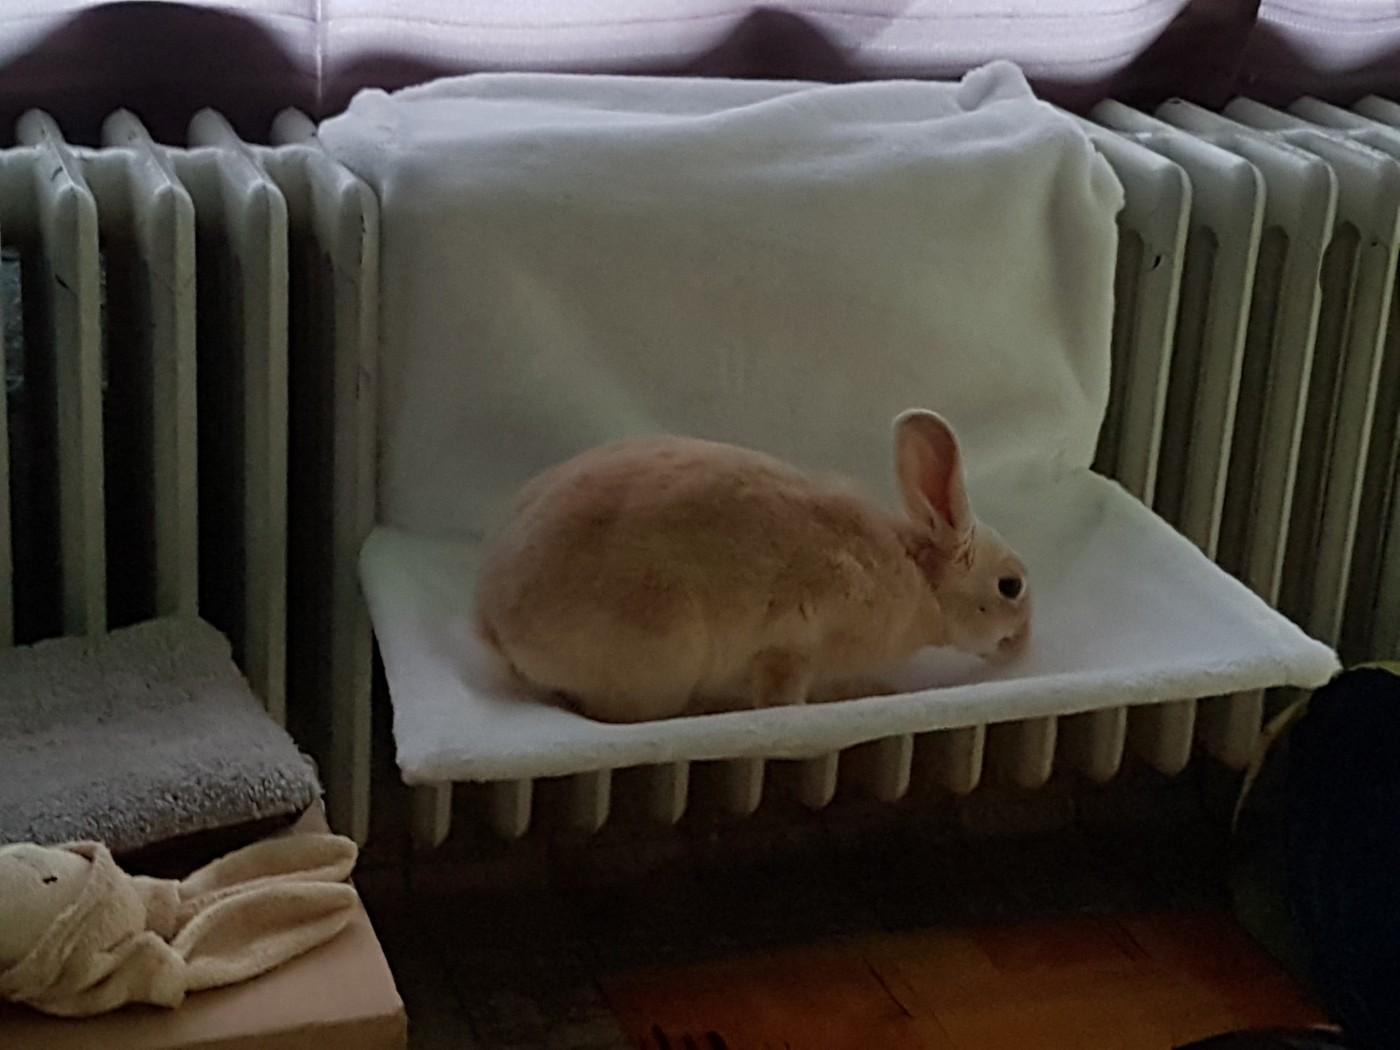 lit hamac radiateur pour chat deluxe couchage pour chat. Black Bedroom Furniture Sets. Home Design Ideas